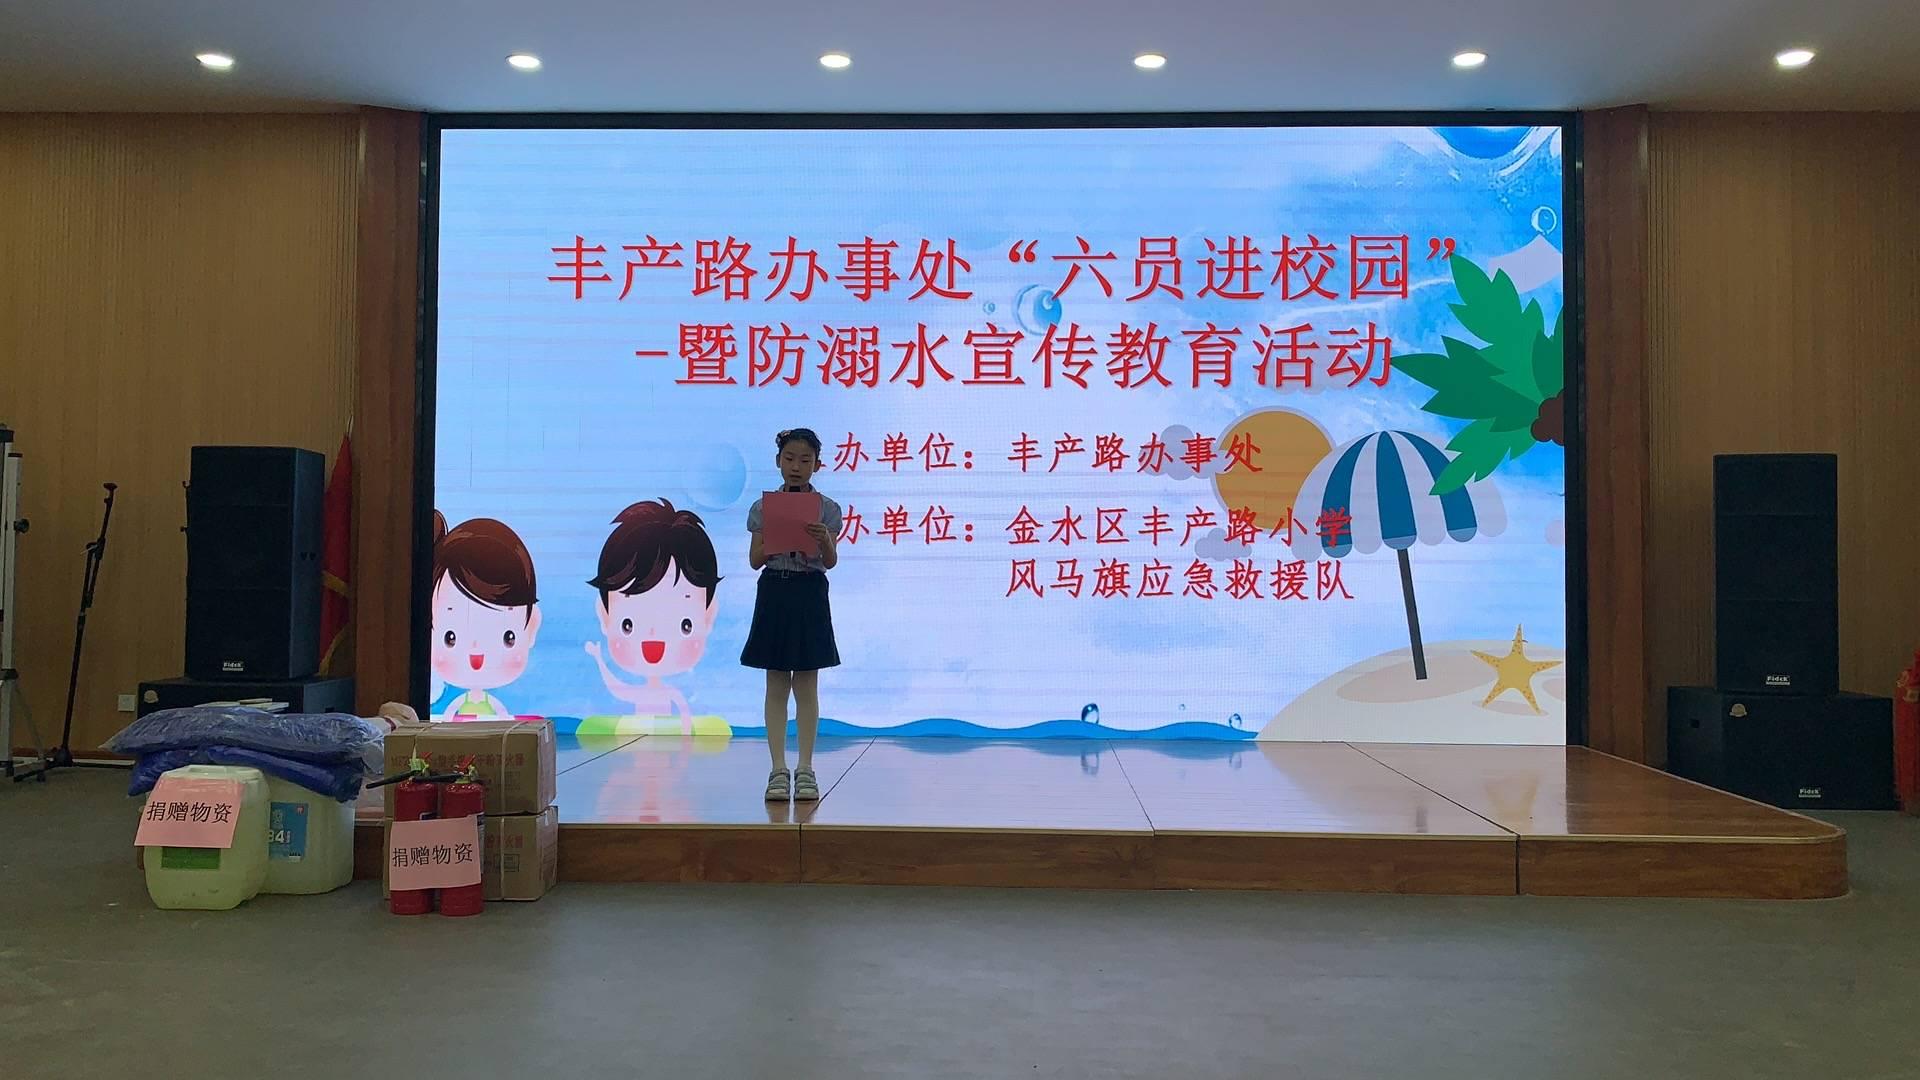 郑州市丰产路街道未成年人安全教育宣传启动仪式暨防溺水宣传教育活动